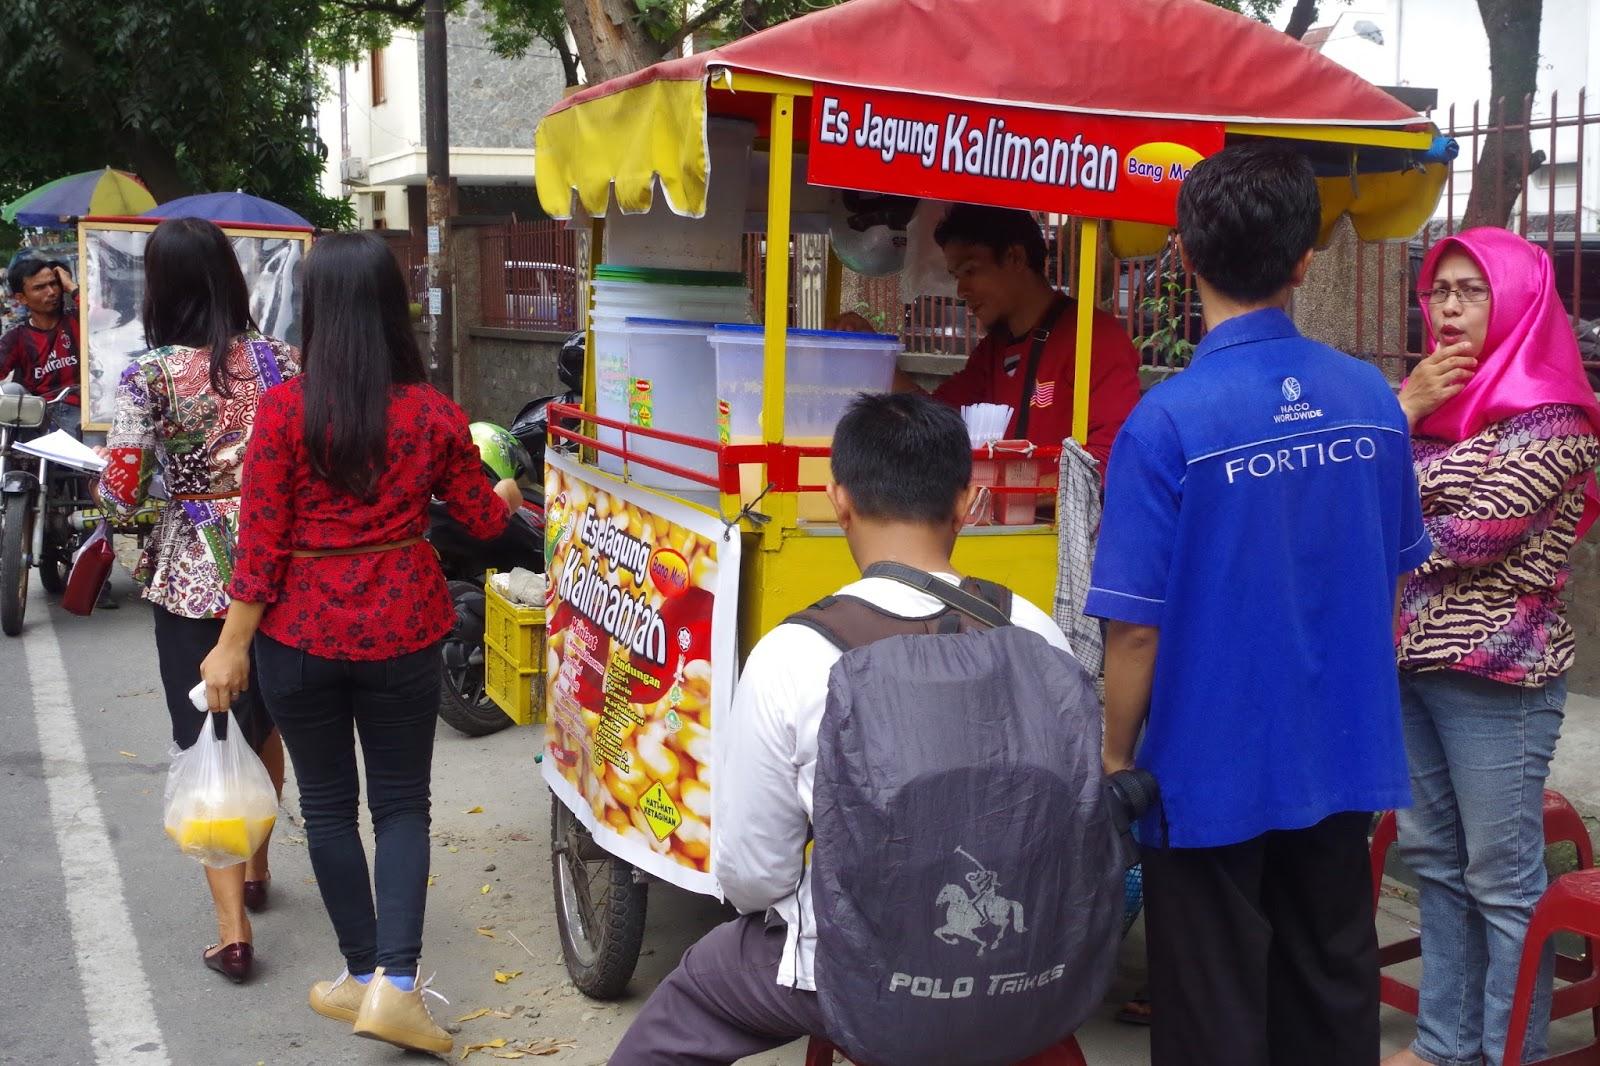 Es Jagung Kalimantan Bang Malik Minuman Paling Di Gandrungi Produk Ukm Bumn Keset Our House Kalau Kelen Mau Beli Jangan Lewat Dari Jam 2 Siang Karena Udah Itu Jagungnya Ludess